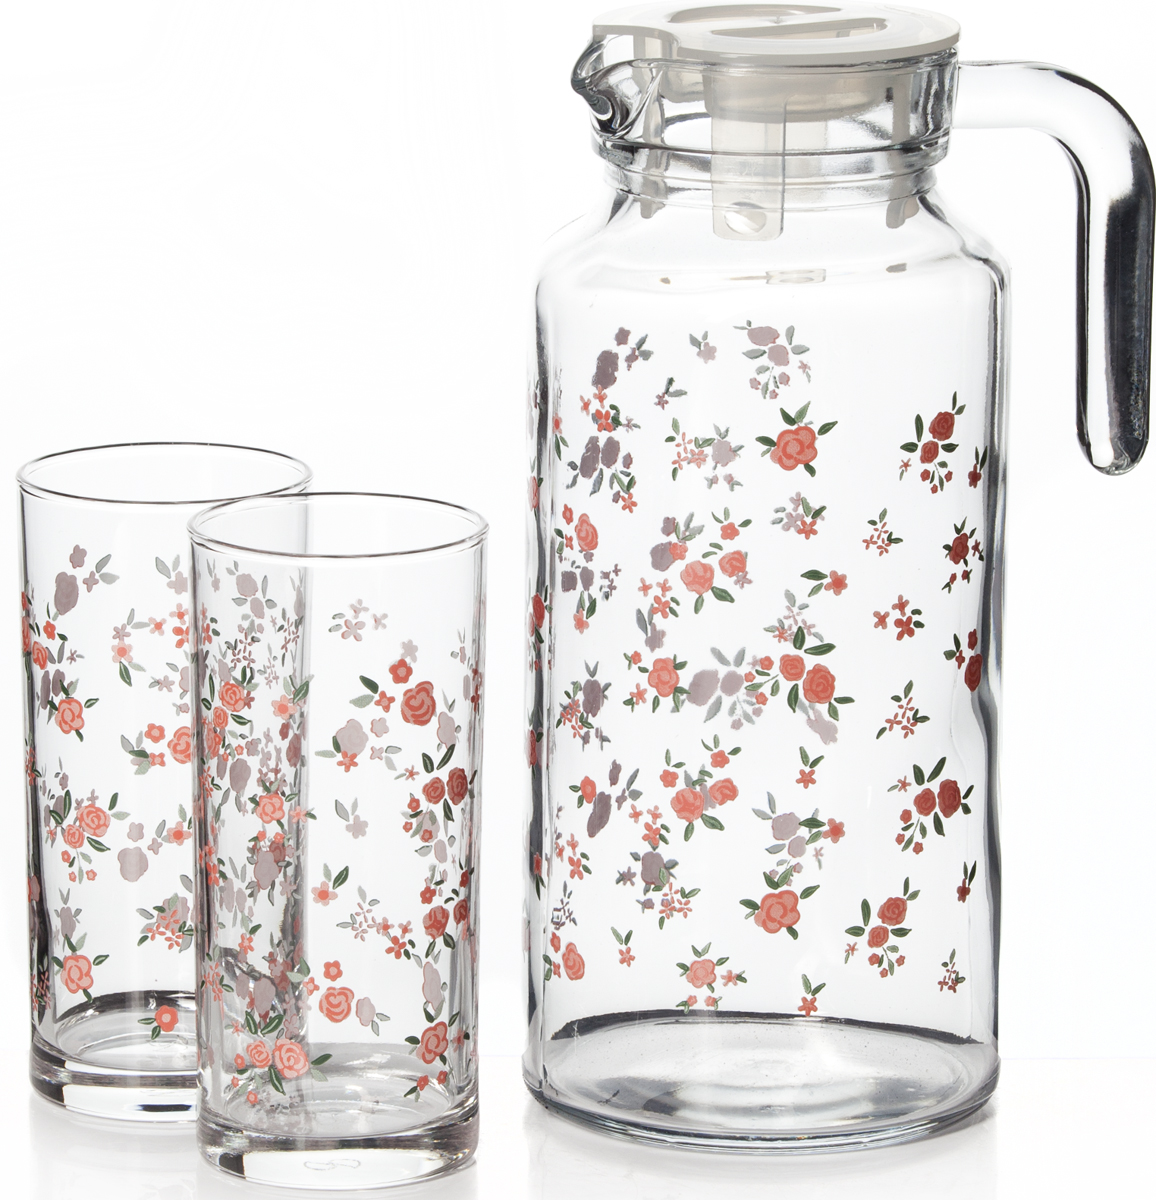 Набор питьевой Pasabahce Прованс, 5 предметов95895BSПитьевой набор Pasabahce Прованс состоит из 4 стаканов и кувшина. Изделия выполнены из высококачественного прочного стекла и декорированыцветочным рисунком. Набор прекрасно подходит для сока, воды, лимонада и других напитков. Изделия устойчивы к повреждениям и истиранию, в процессе эксплуатации не впитывают запахии сохраняют первоначальные краски. Можно мыть в посудомоечной машине.Объем кувшина: 1,3 л.Объем стакана: 290 мл.